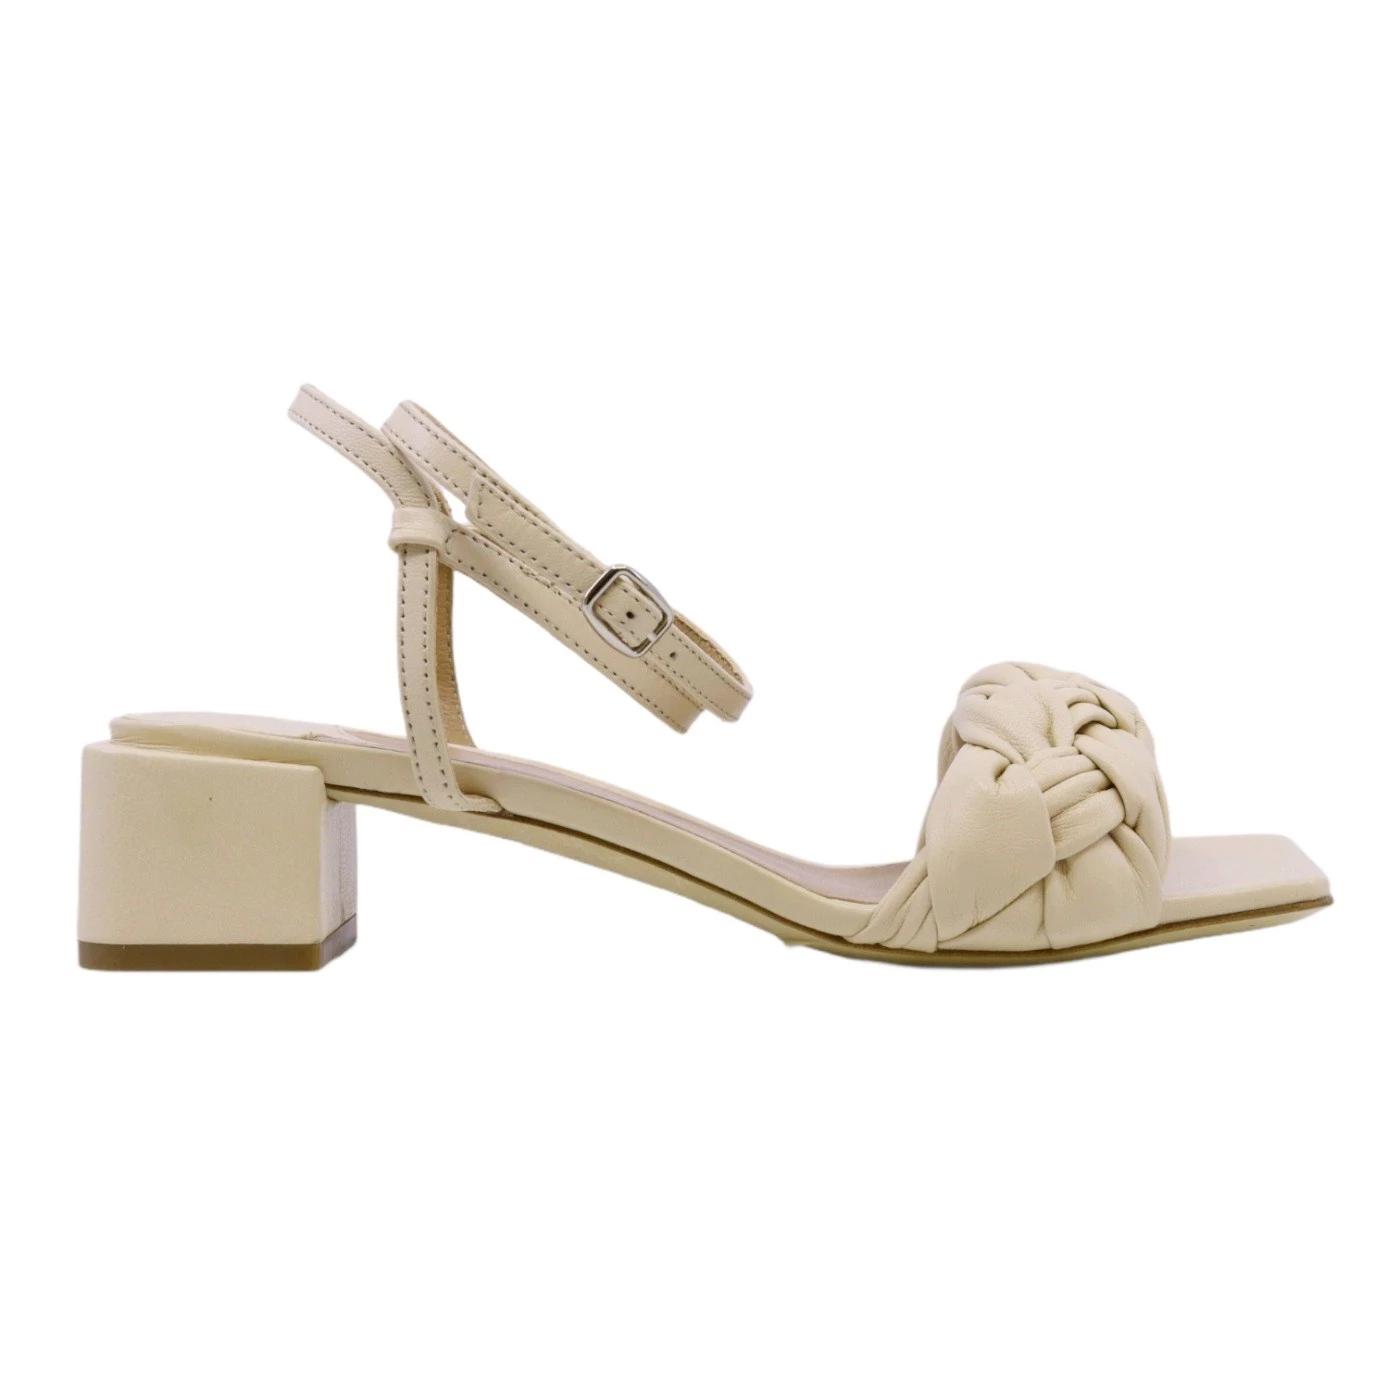 The Seller S1308 sandalo da donna in pelle crema